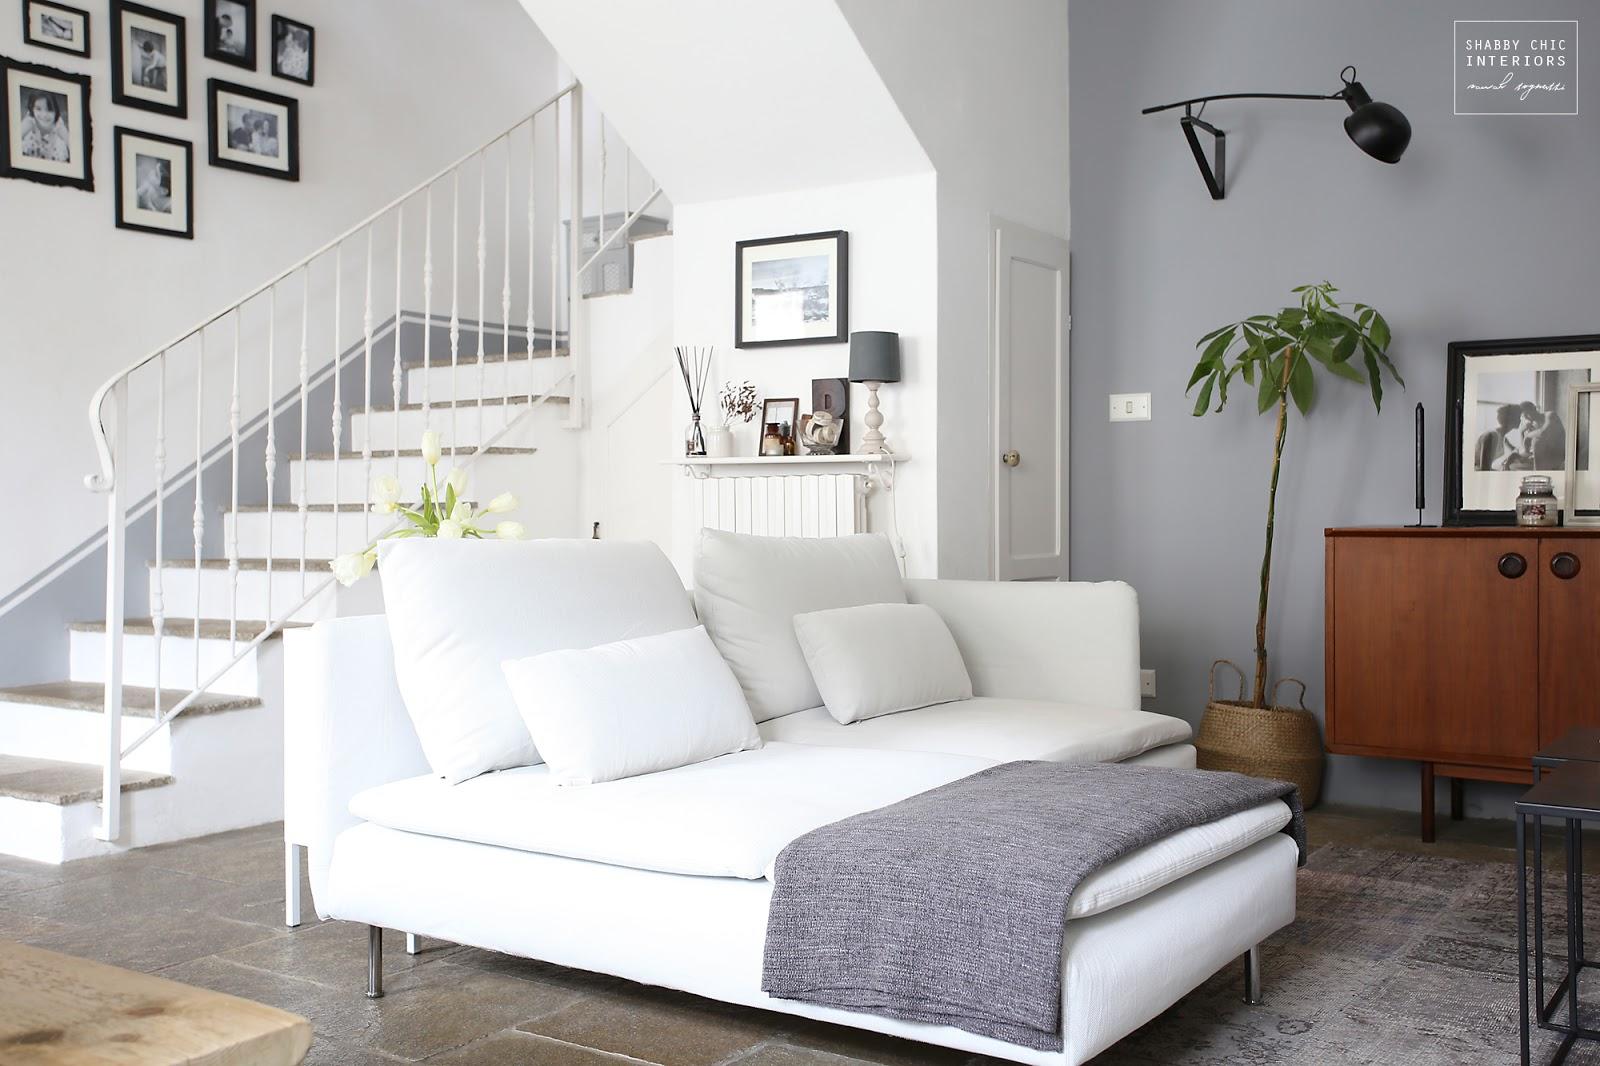 Un divano nuovo per il mio salotto - Shabby Chic Interiors